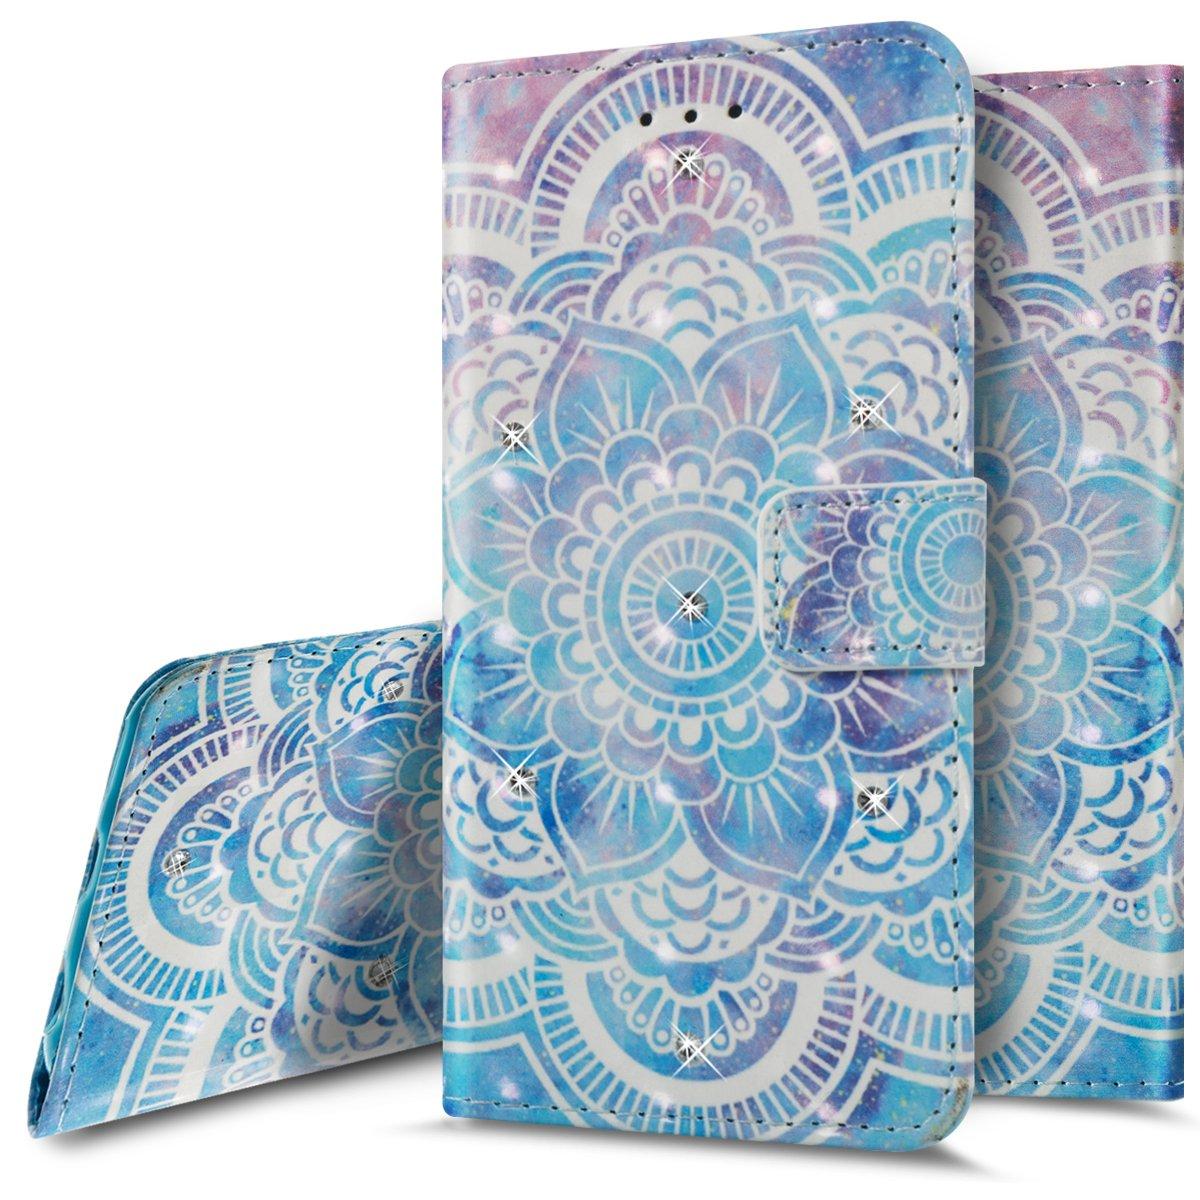 iPhone 6s財布型ケース、iPhone 6フリップケース、phezenエレガントな3dキラキラブルードリームキャッチャーパターンデザインPUレザー財布[スタンド機能] [カード/現金スロット]保護フリップケースカバーfor iPhone 6 / 6s 4.7